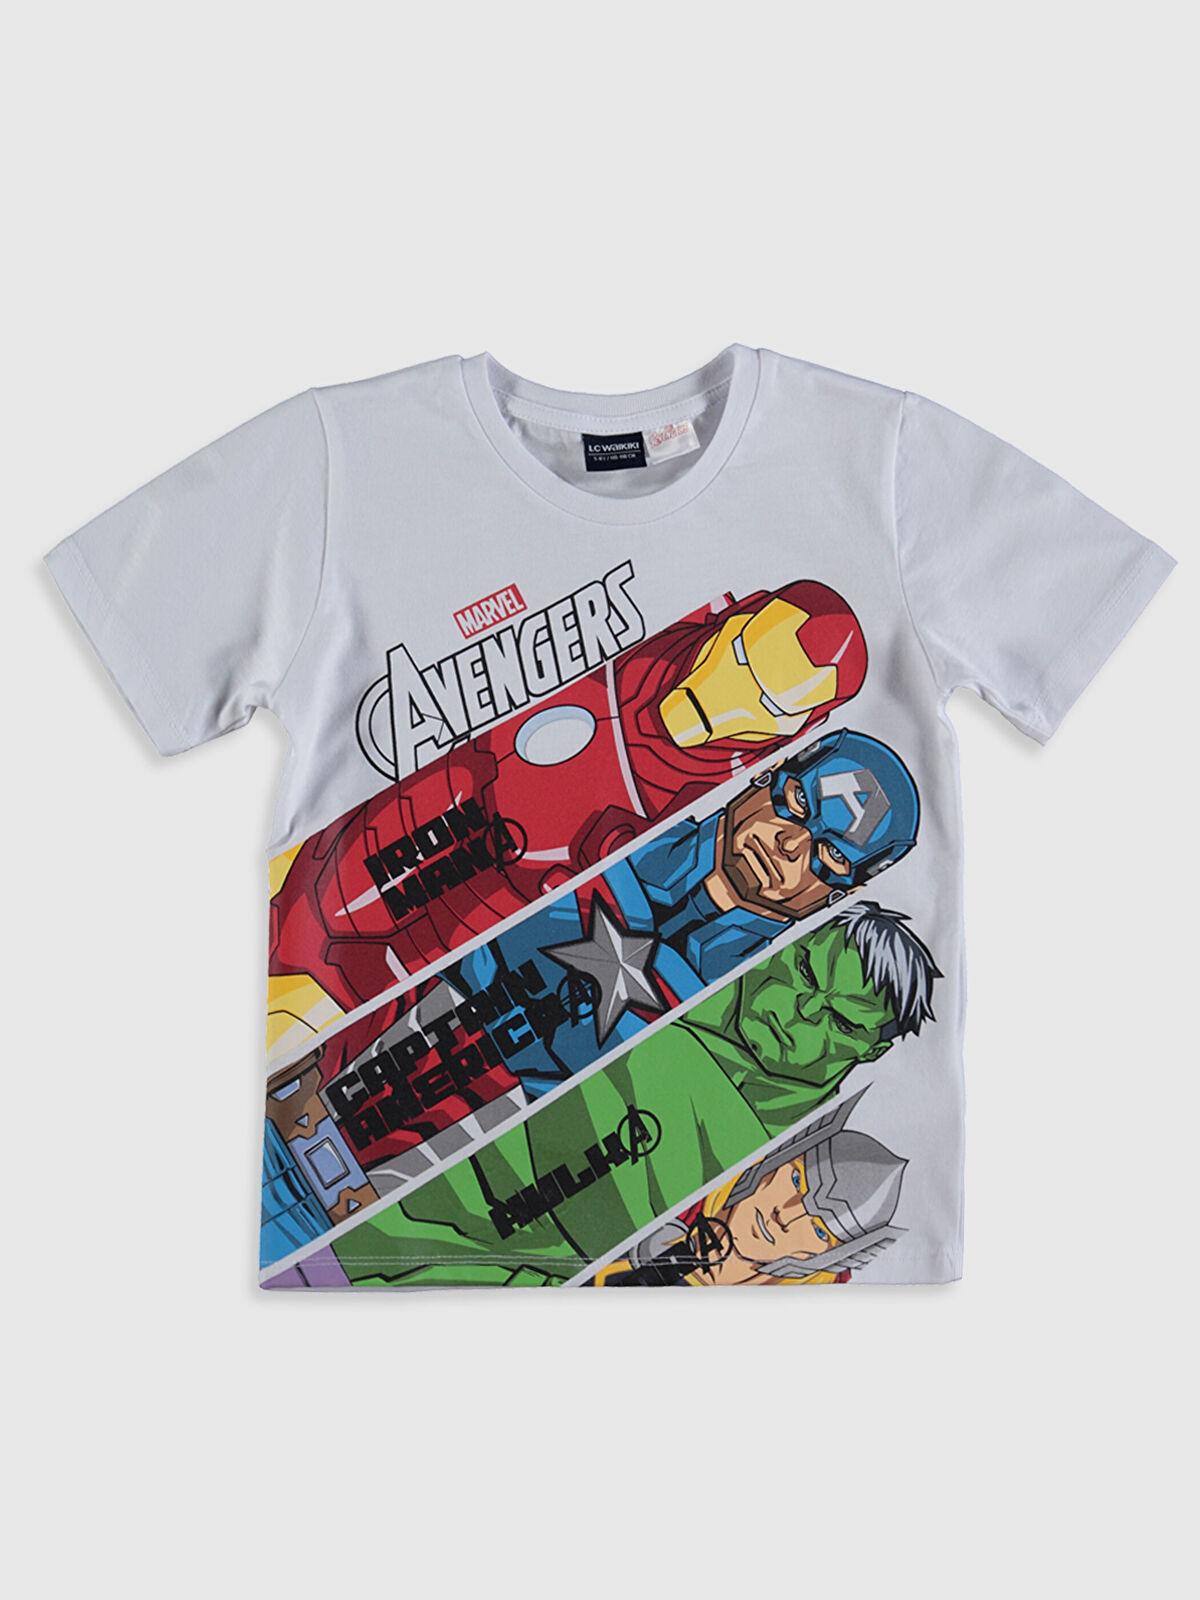 Erkek Çocuk Avengers Baskılı Pamuklu Tişört - LC WAIKIKI